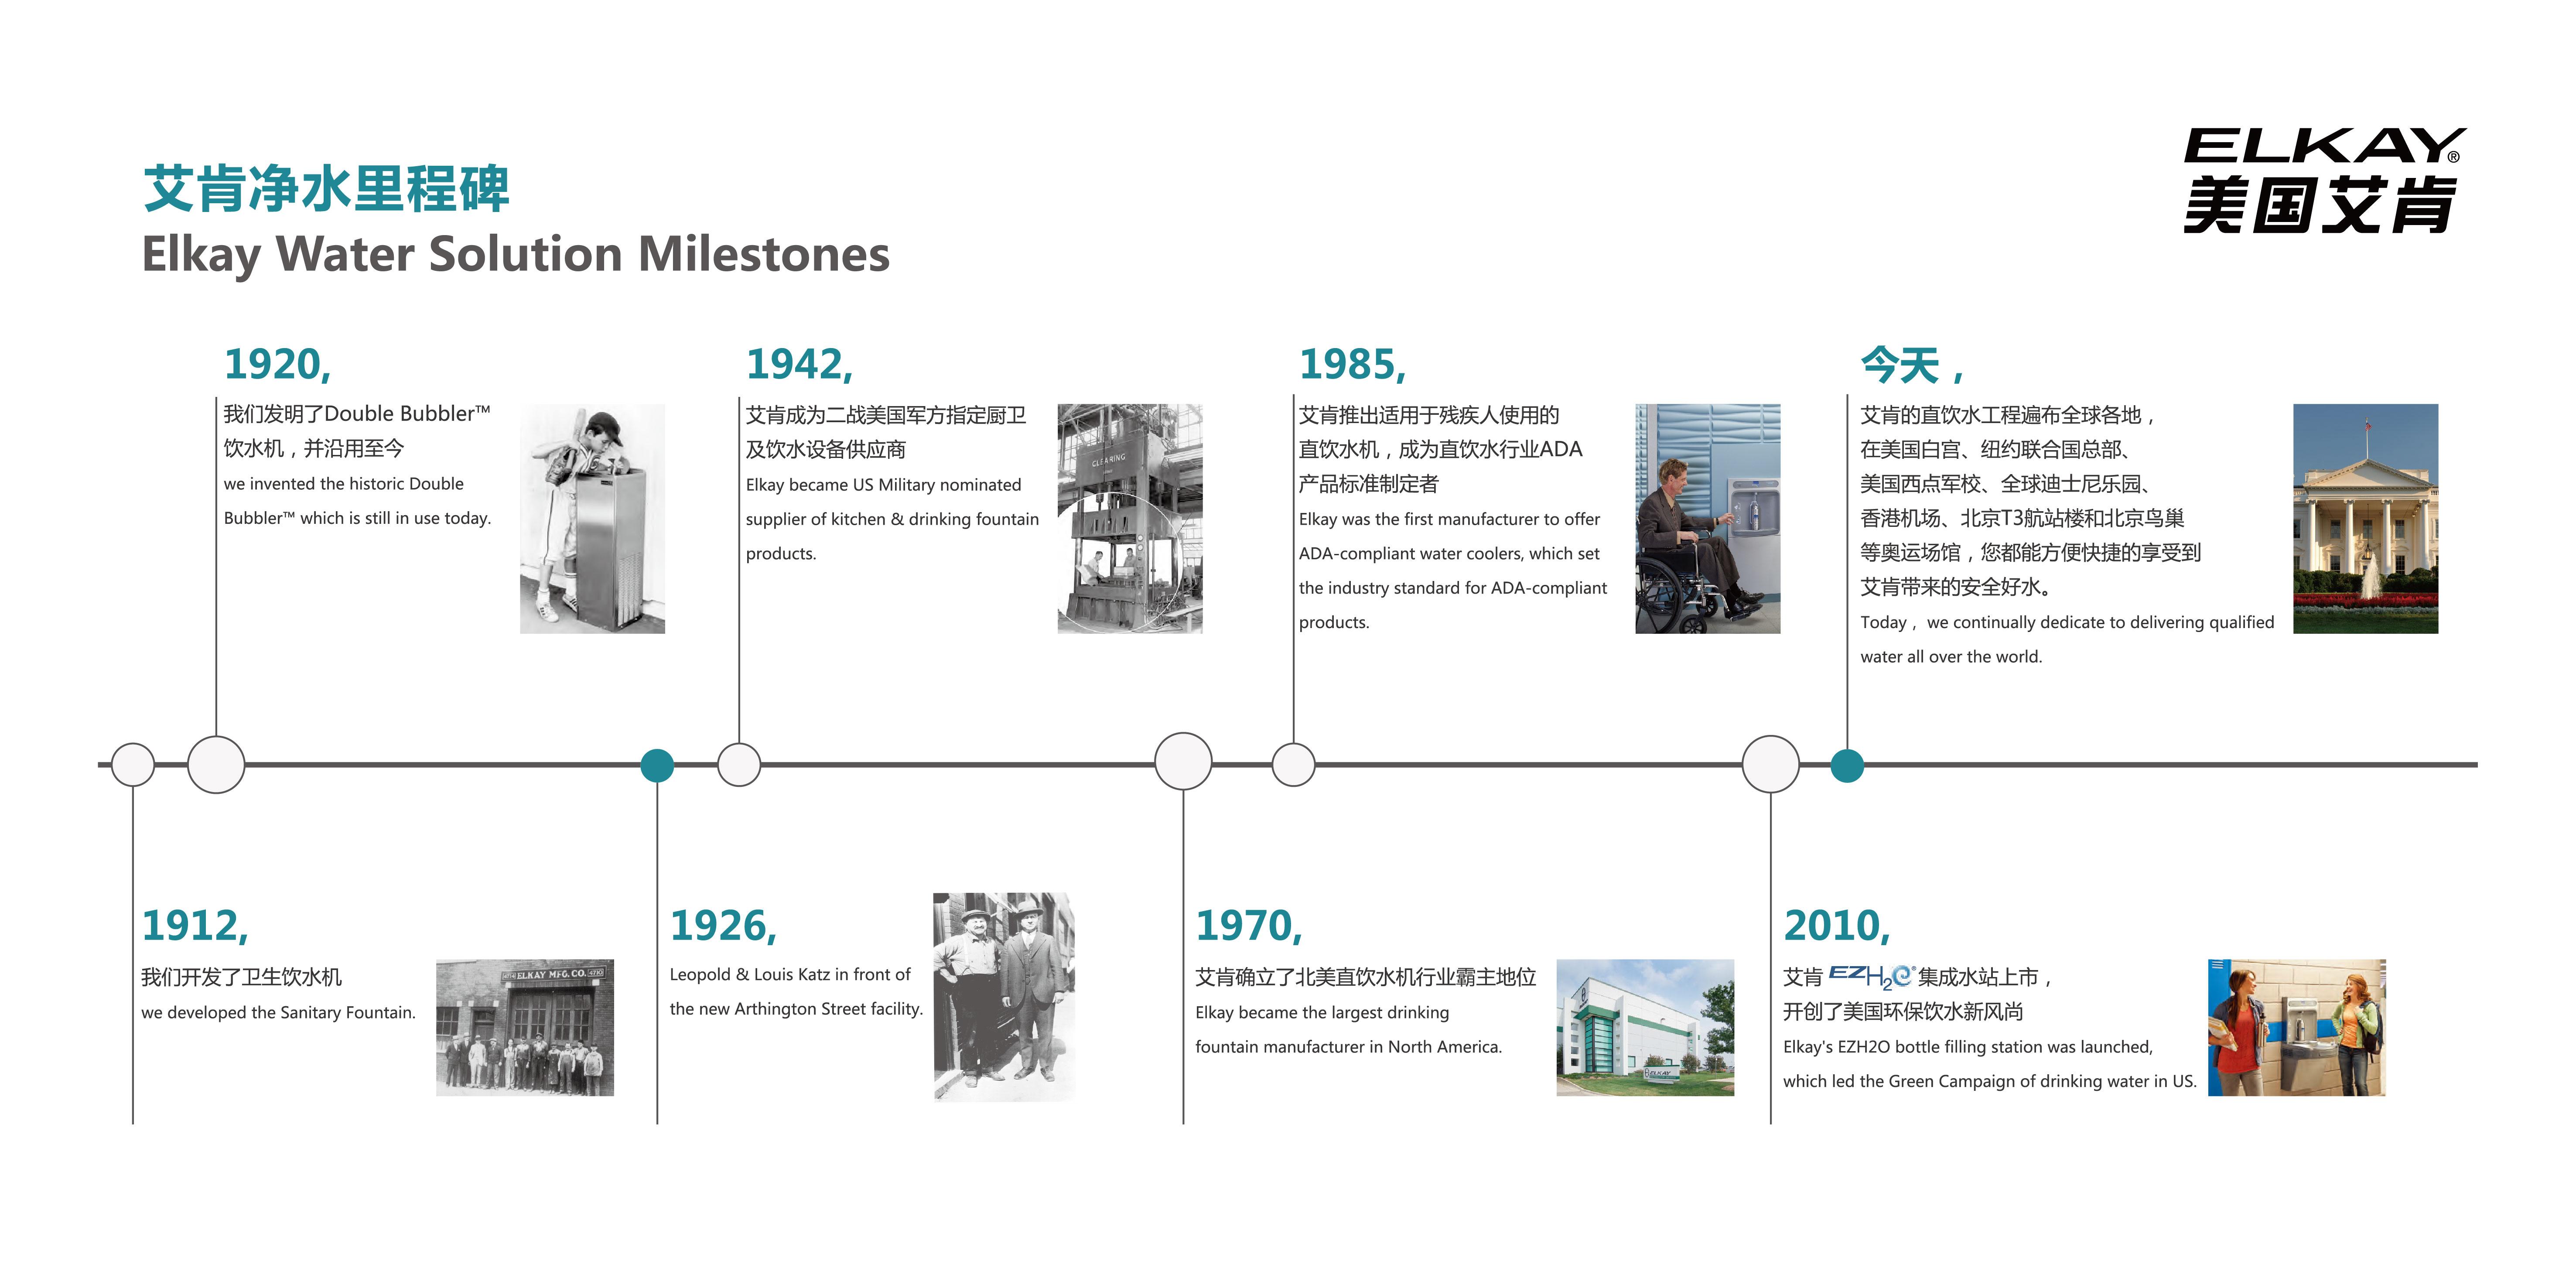 陕西净水系统发展史